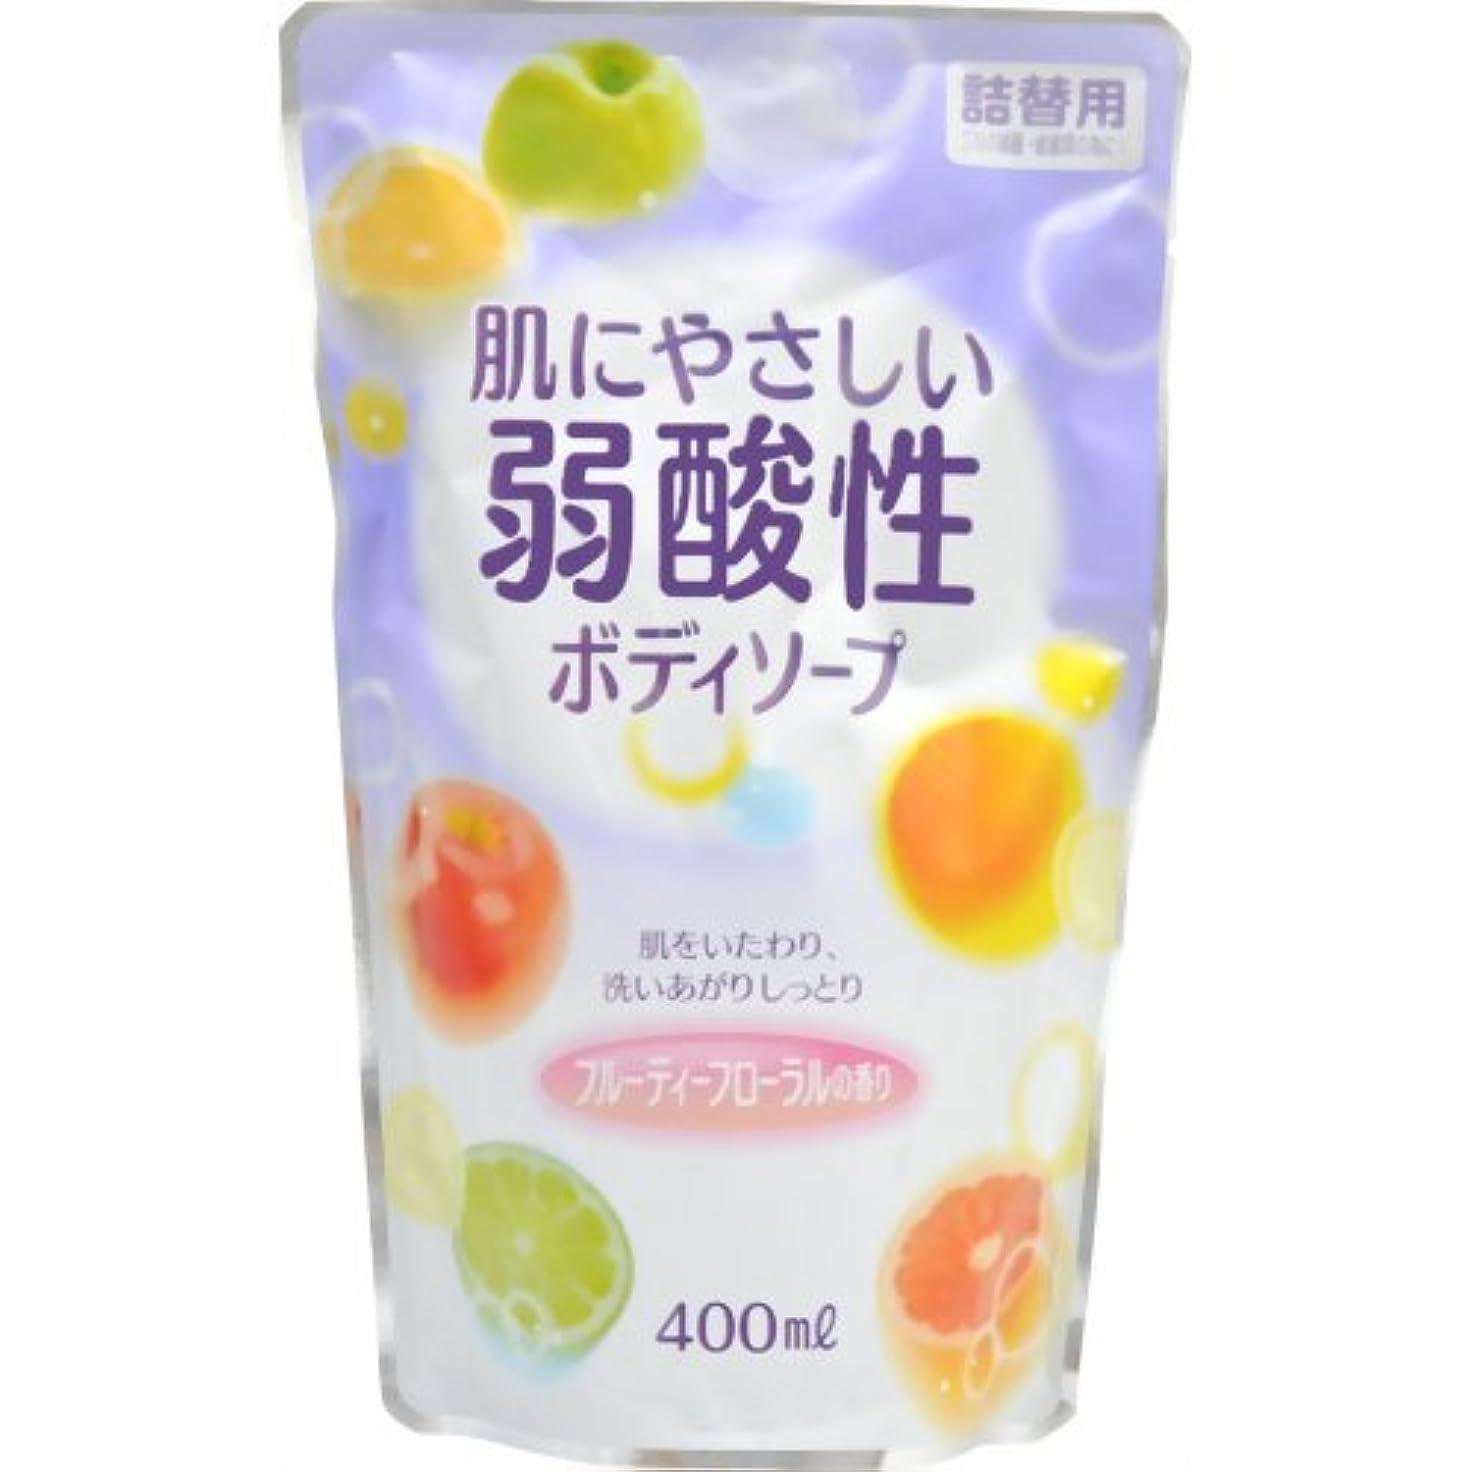 裏切るくそー結紮弱酸性ボディソープ フルーティーフローラルの香り 詰替用 400ml